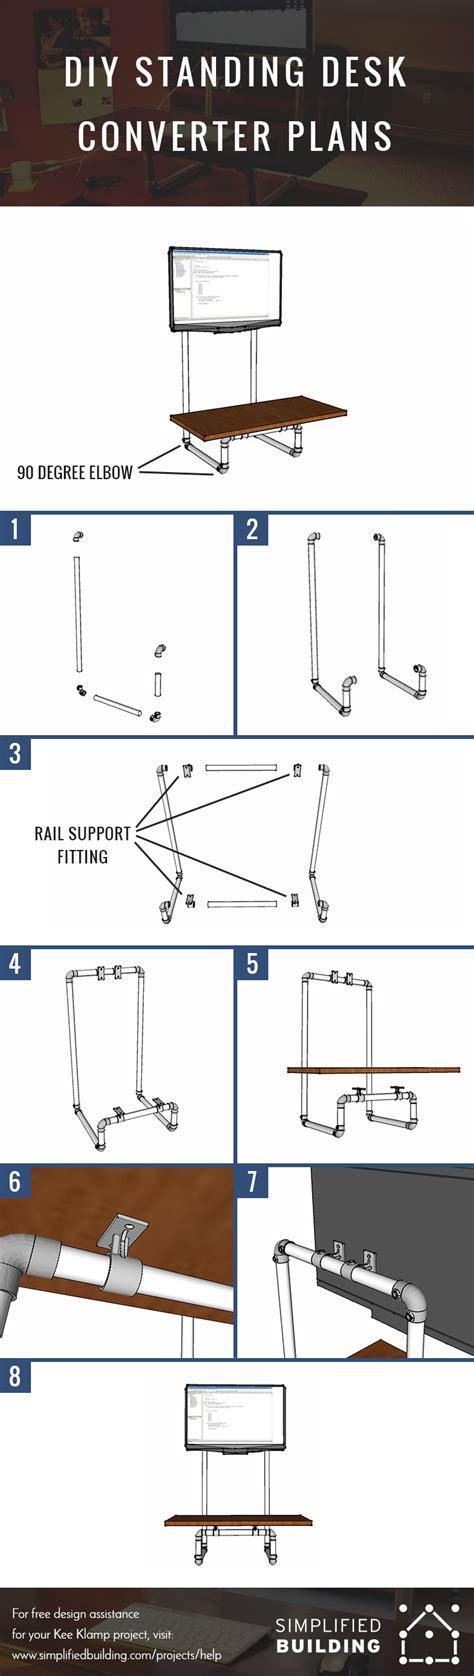 standing desk plans diy standing desk converter step by step plans